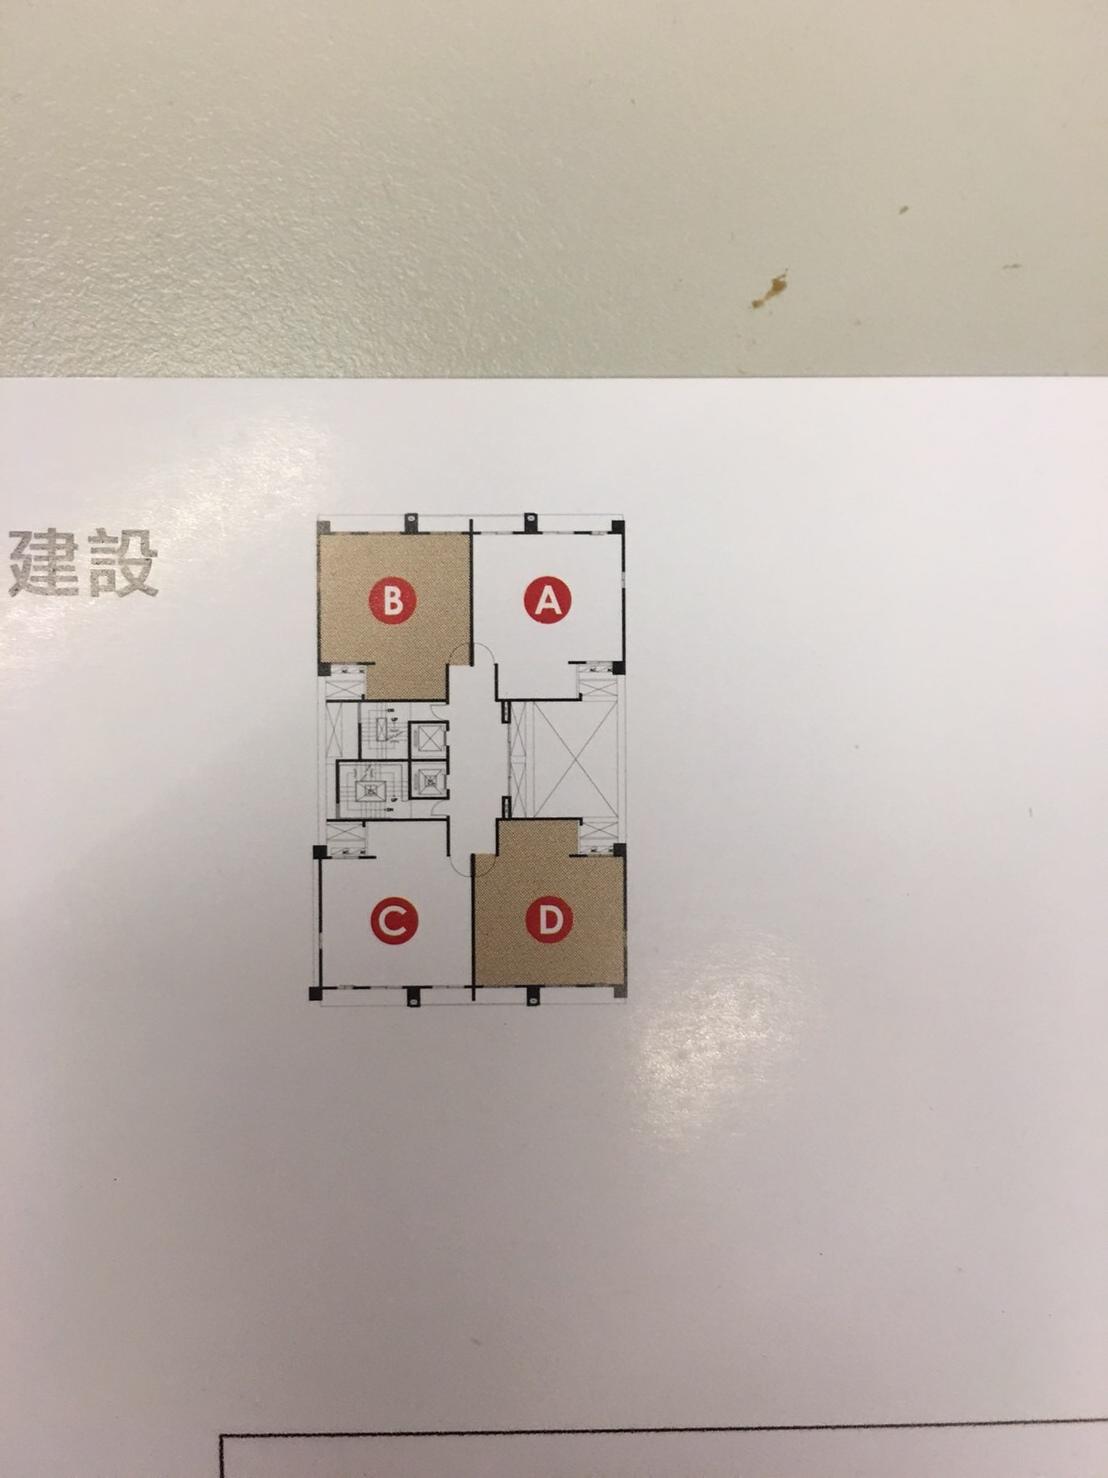 [新竹竹光]廣泰立建設-晶圓世家3(大樓) 20170417-04.jpg